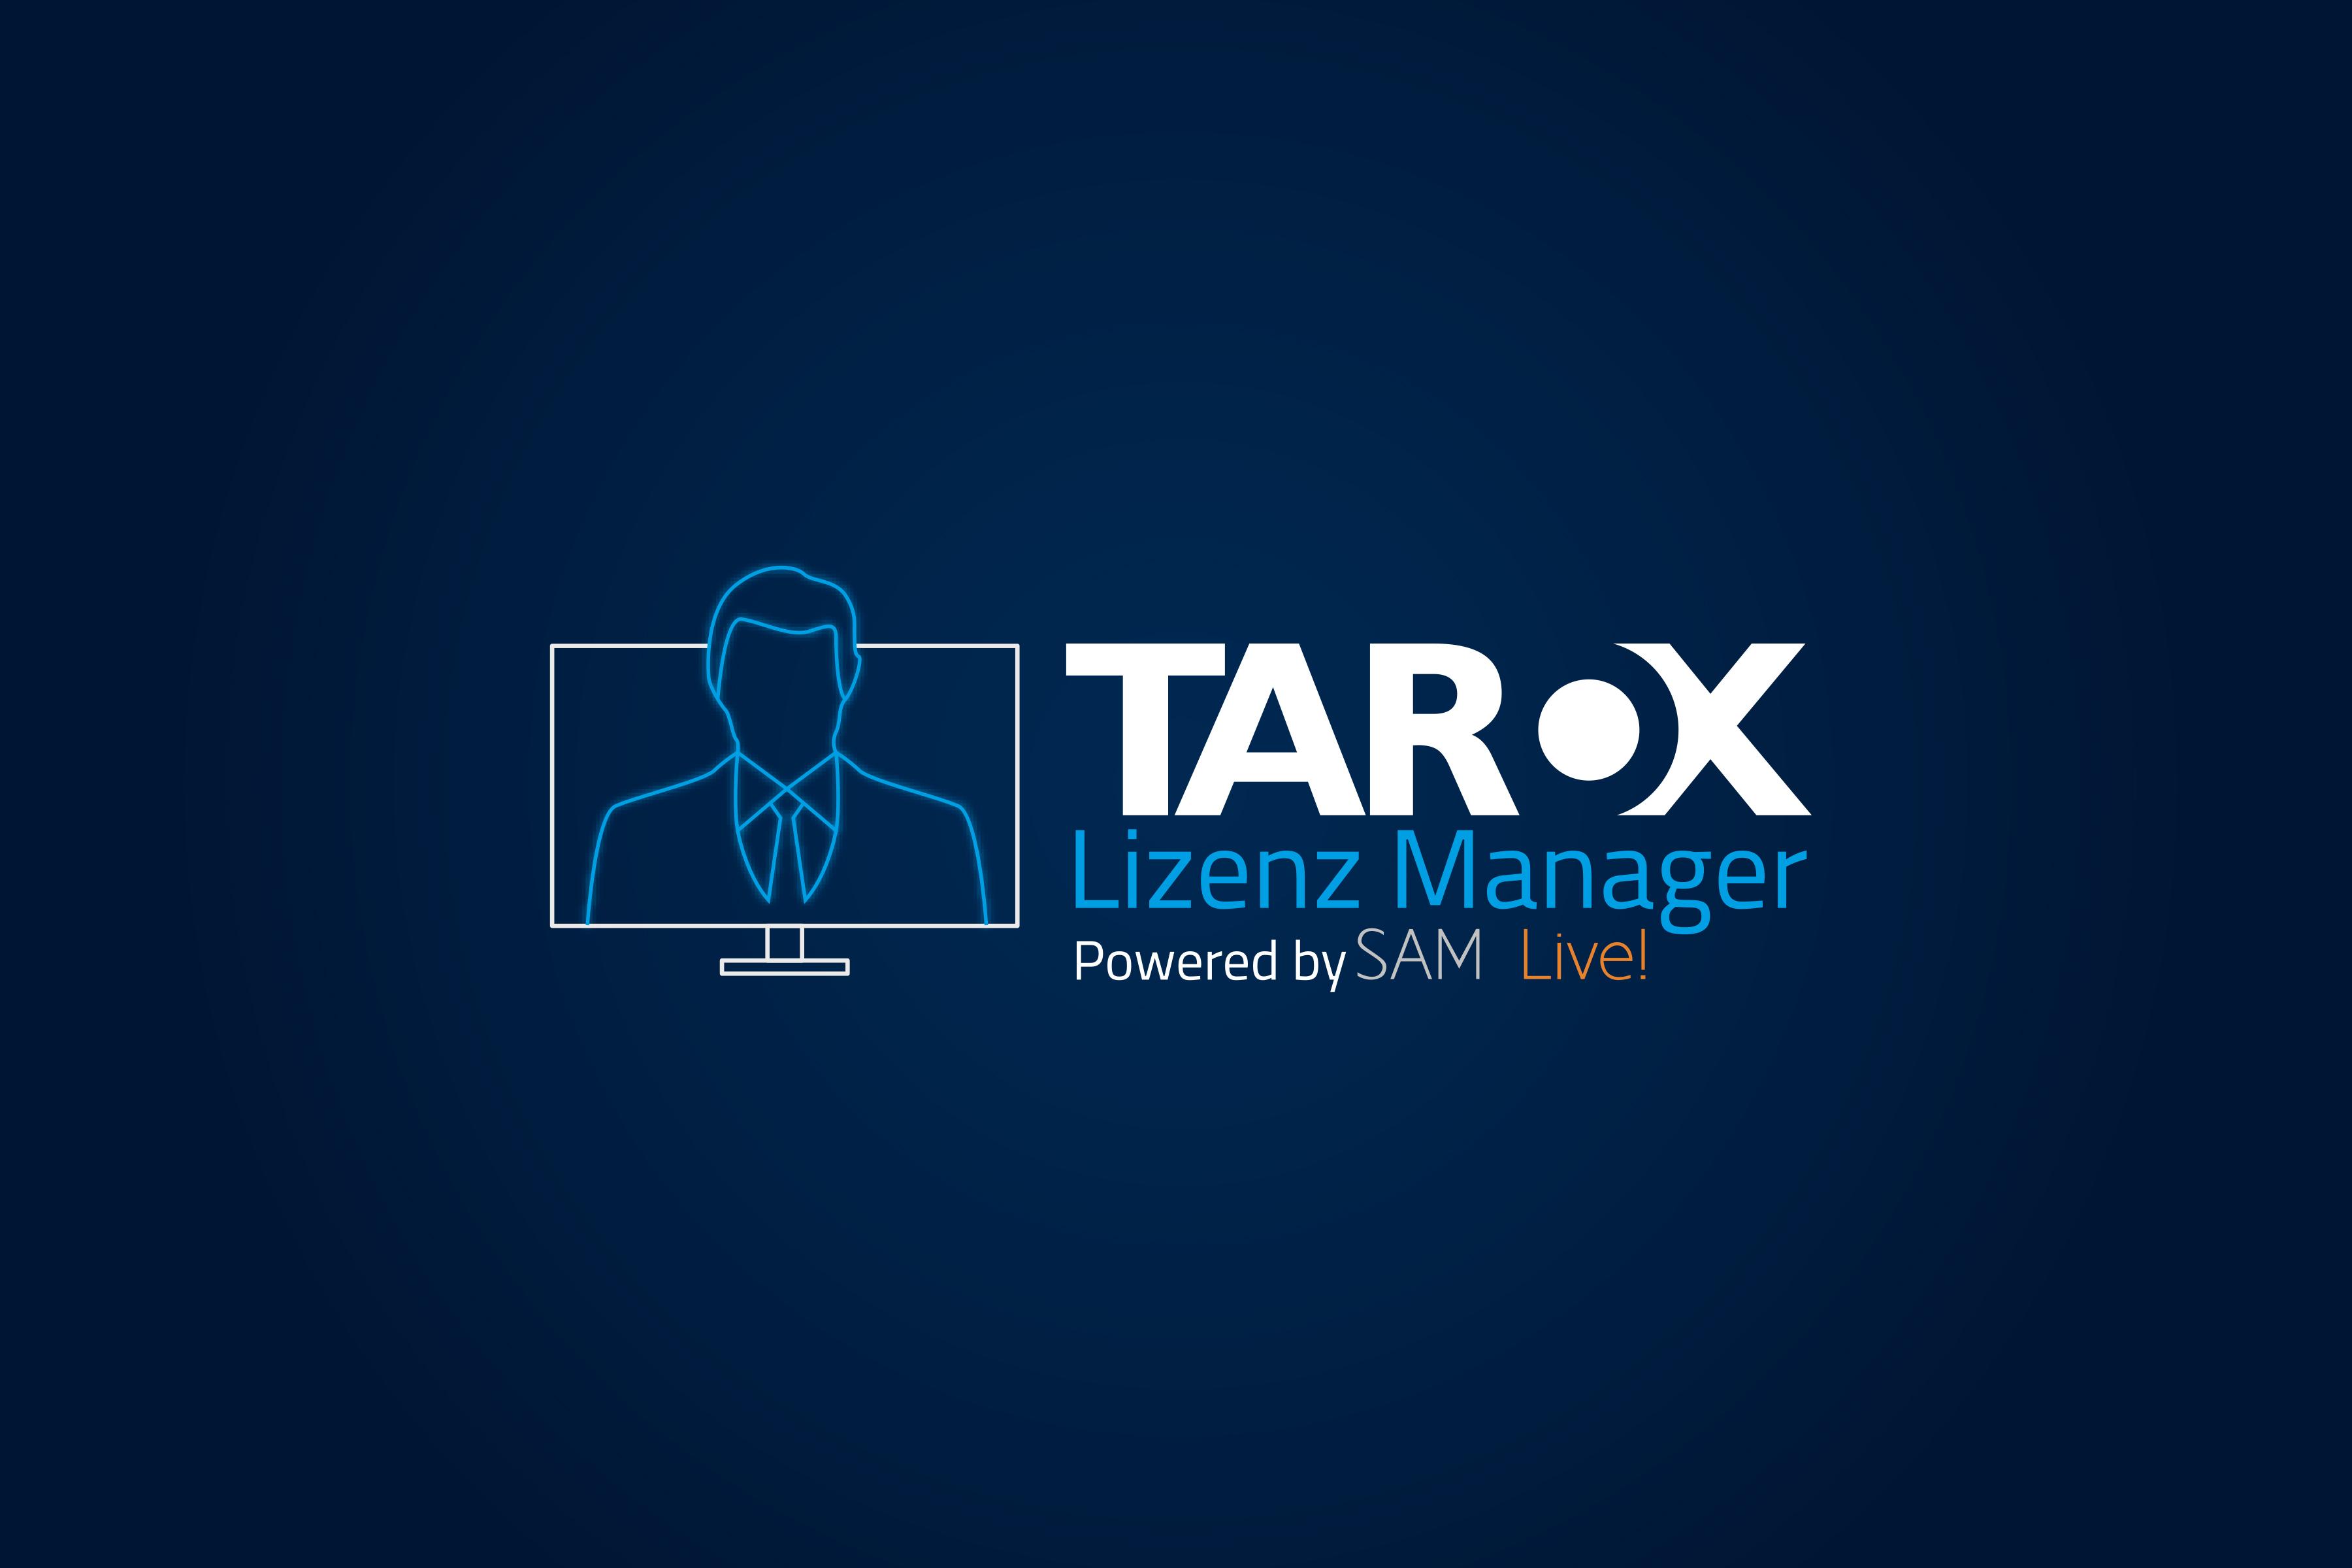 TAROX Lizenz-Manager